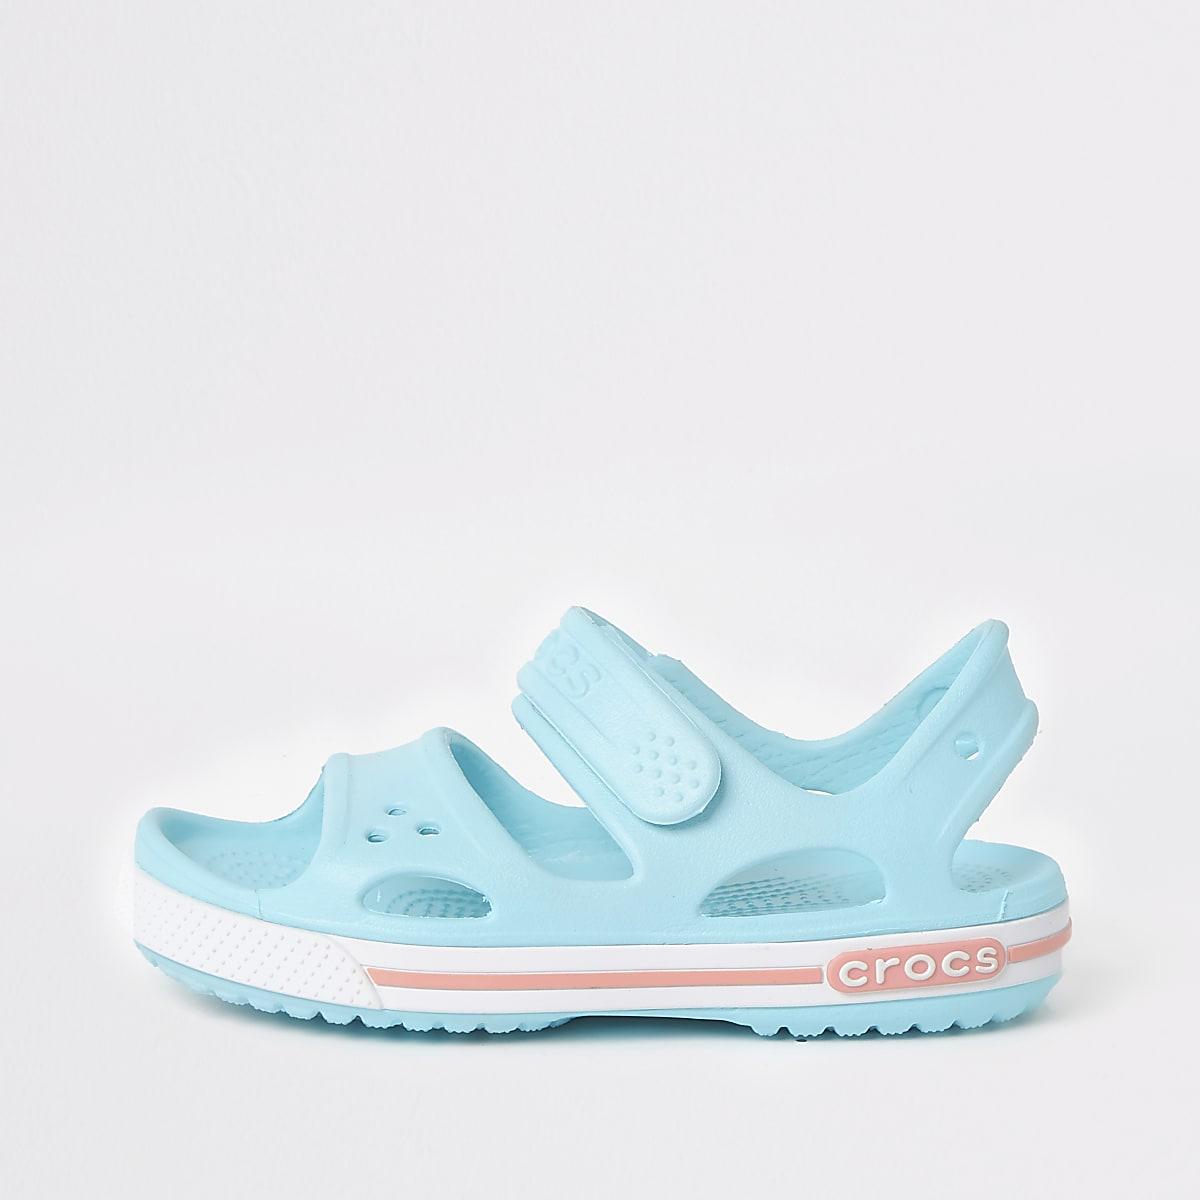 Kids Crocs light blue bayaband sandals